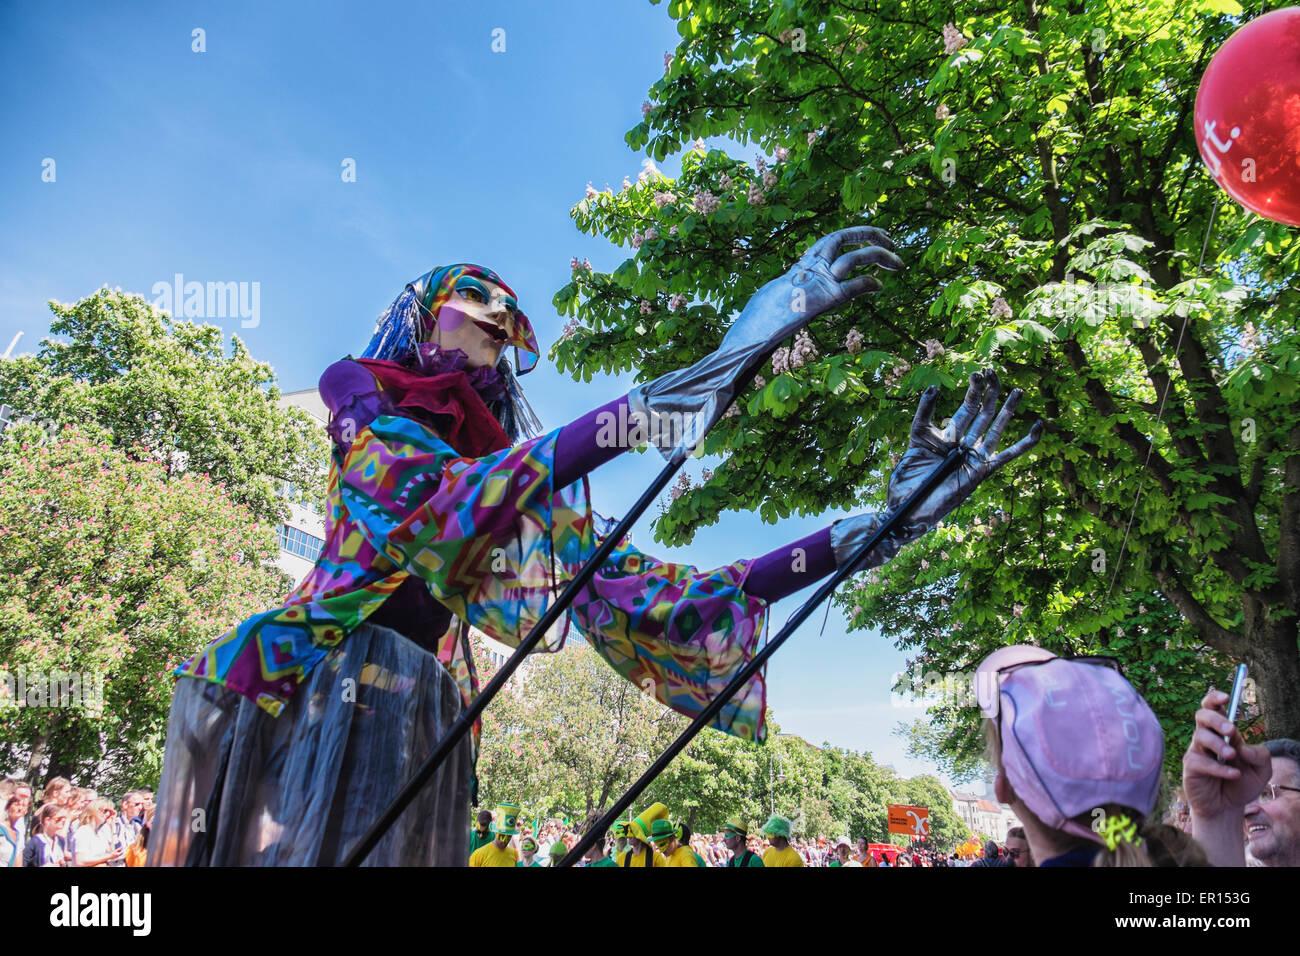 Kreuzberg di Berlino, Germania, 24 maggio 2015. Attore con alte fancy dress costume palloncino catture Berlino celebra Immagini Stock